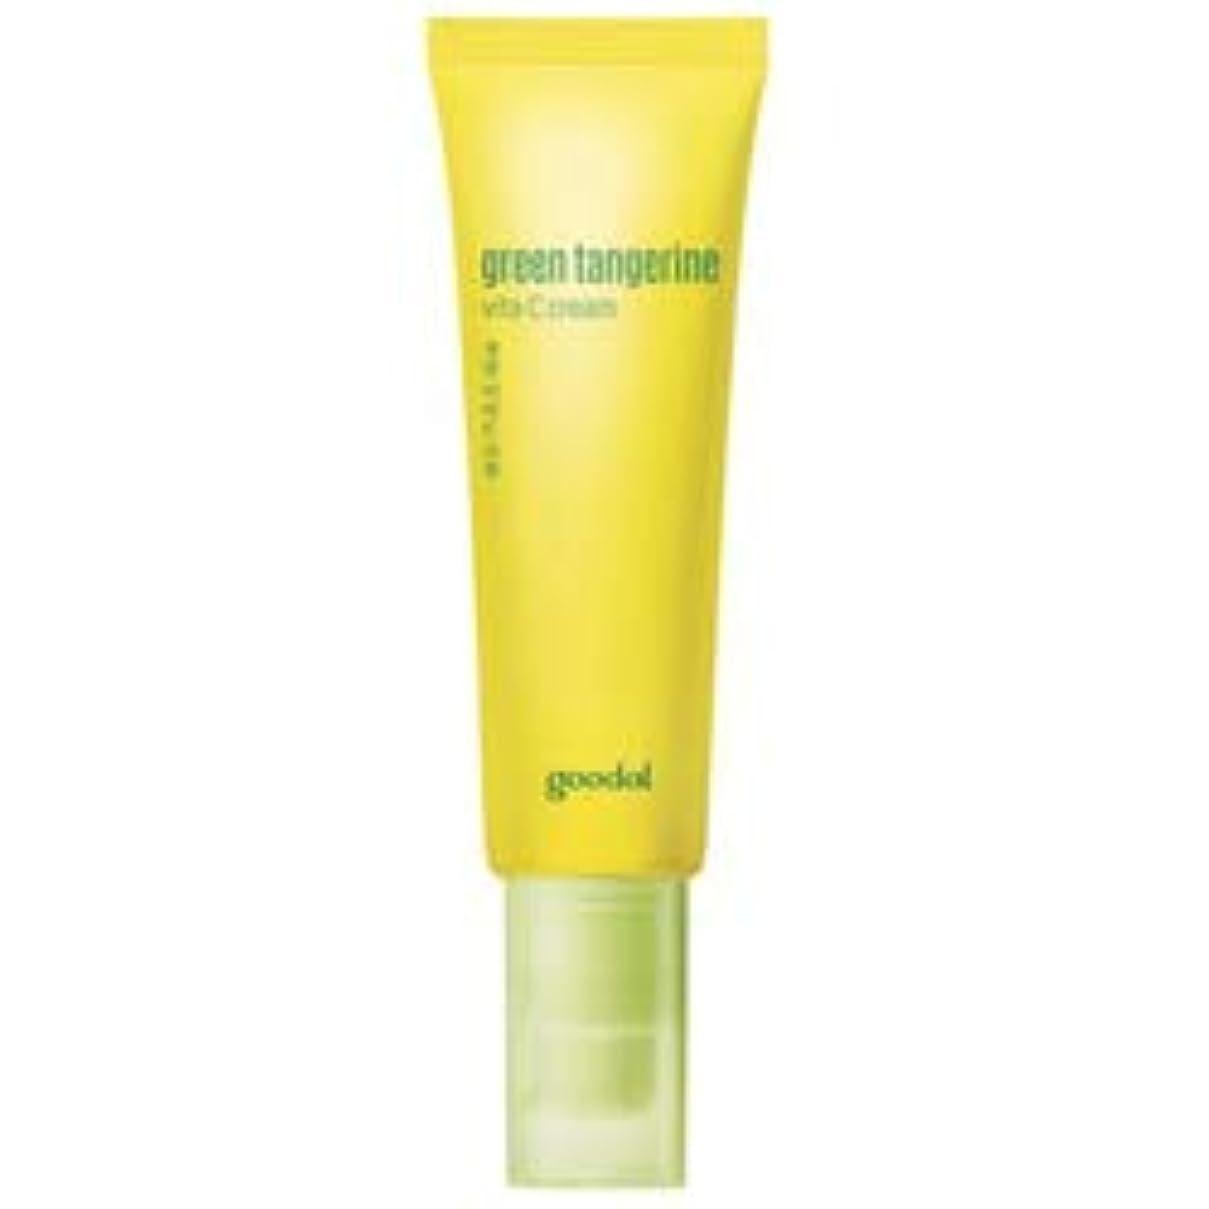 告発思われるフラップ[goodal] Green Tangerine Vita C cream 50ml / [グーダル]タンジェリン ビタC クリーム 50ml [並行輸入品]